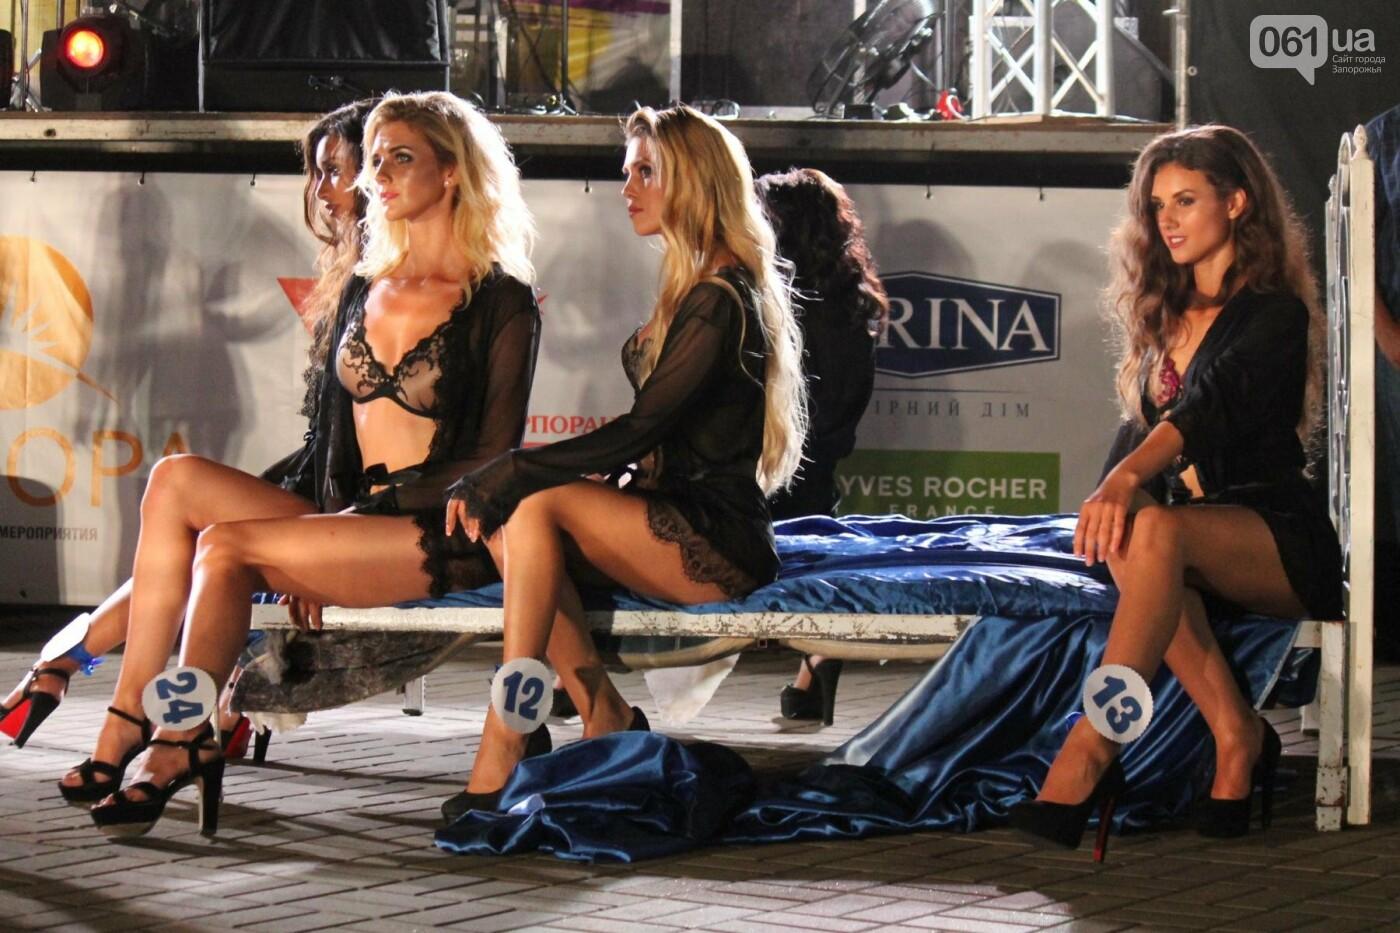 «Miss AVRORA Summer 2018»: в Запорожье на конкурсе красоты выбрали самую красивую девушку, – ФОТОРЕПОРТАЖ, фото-22